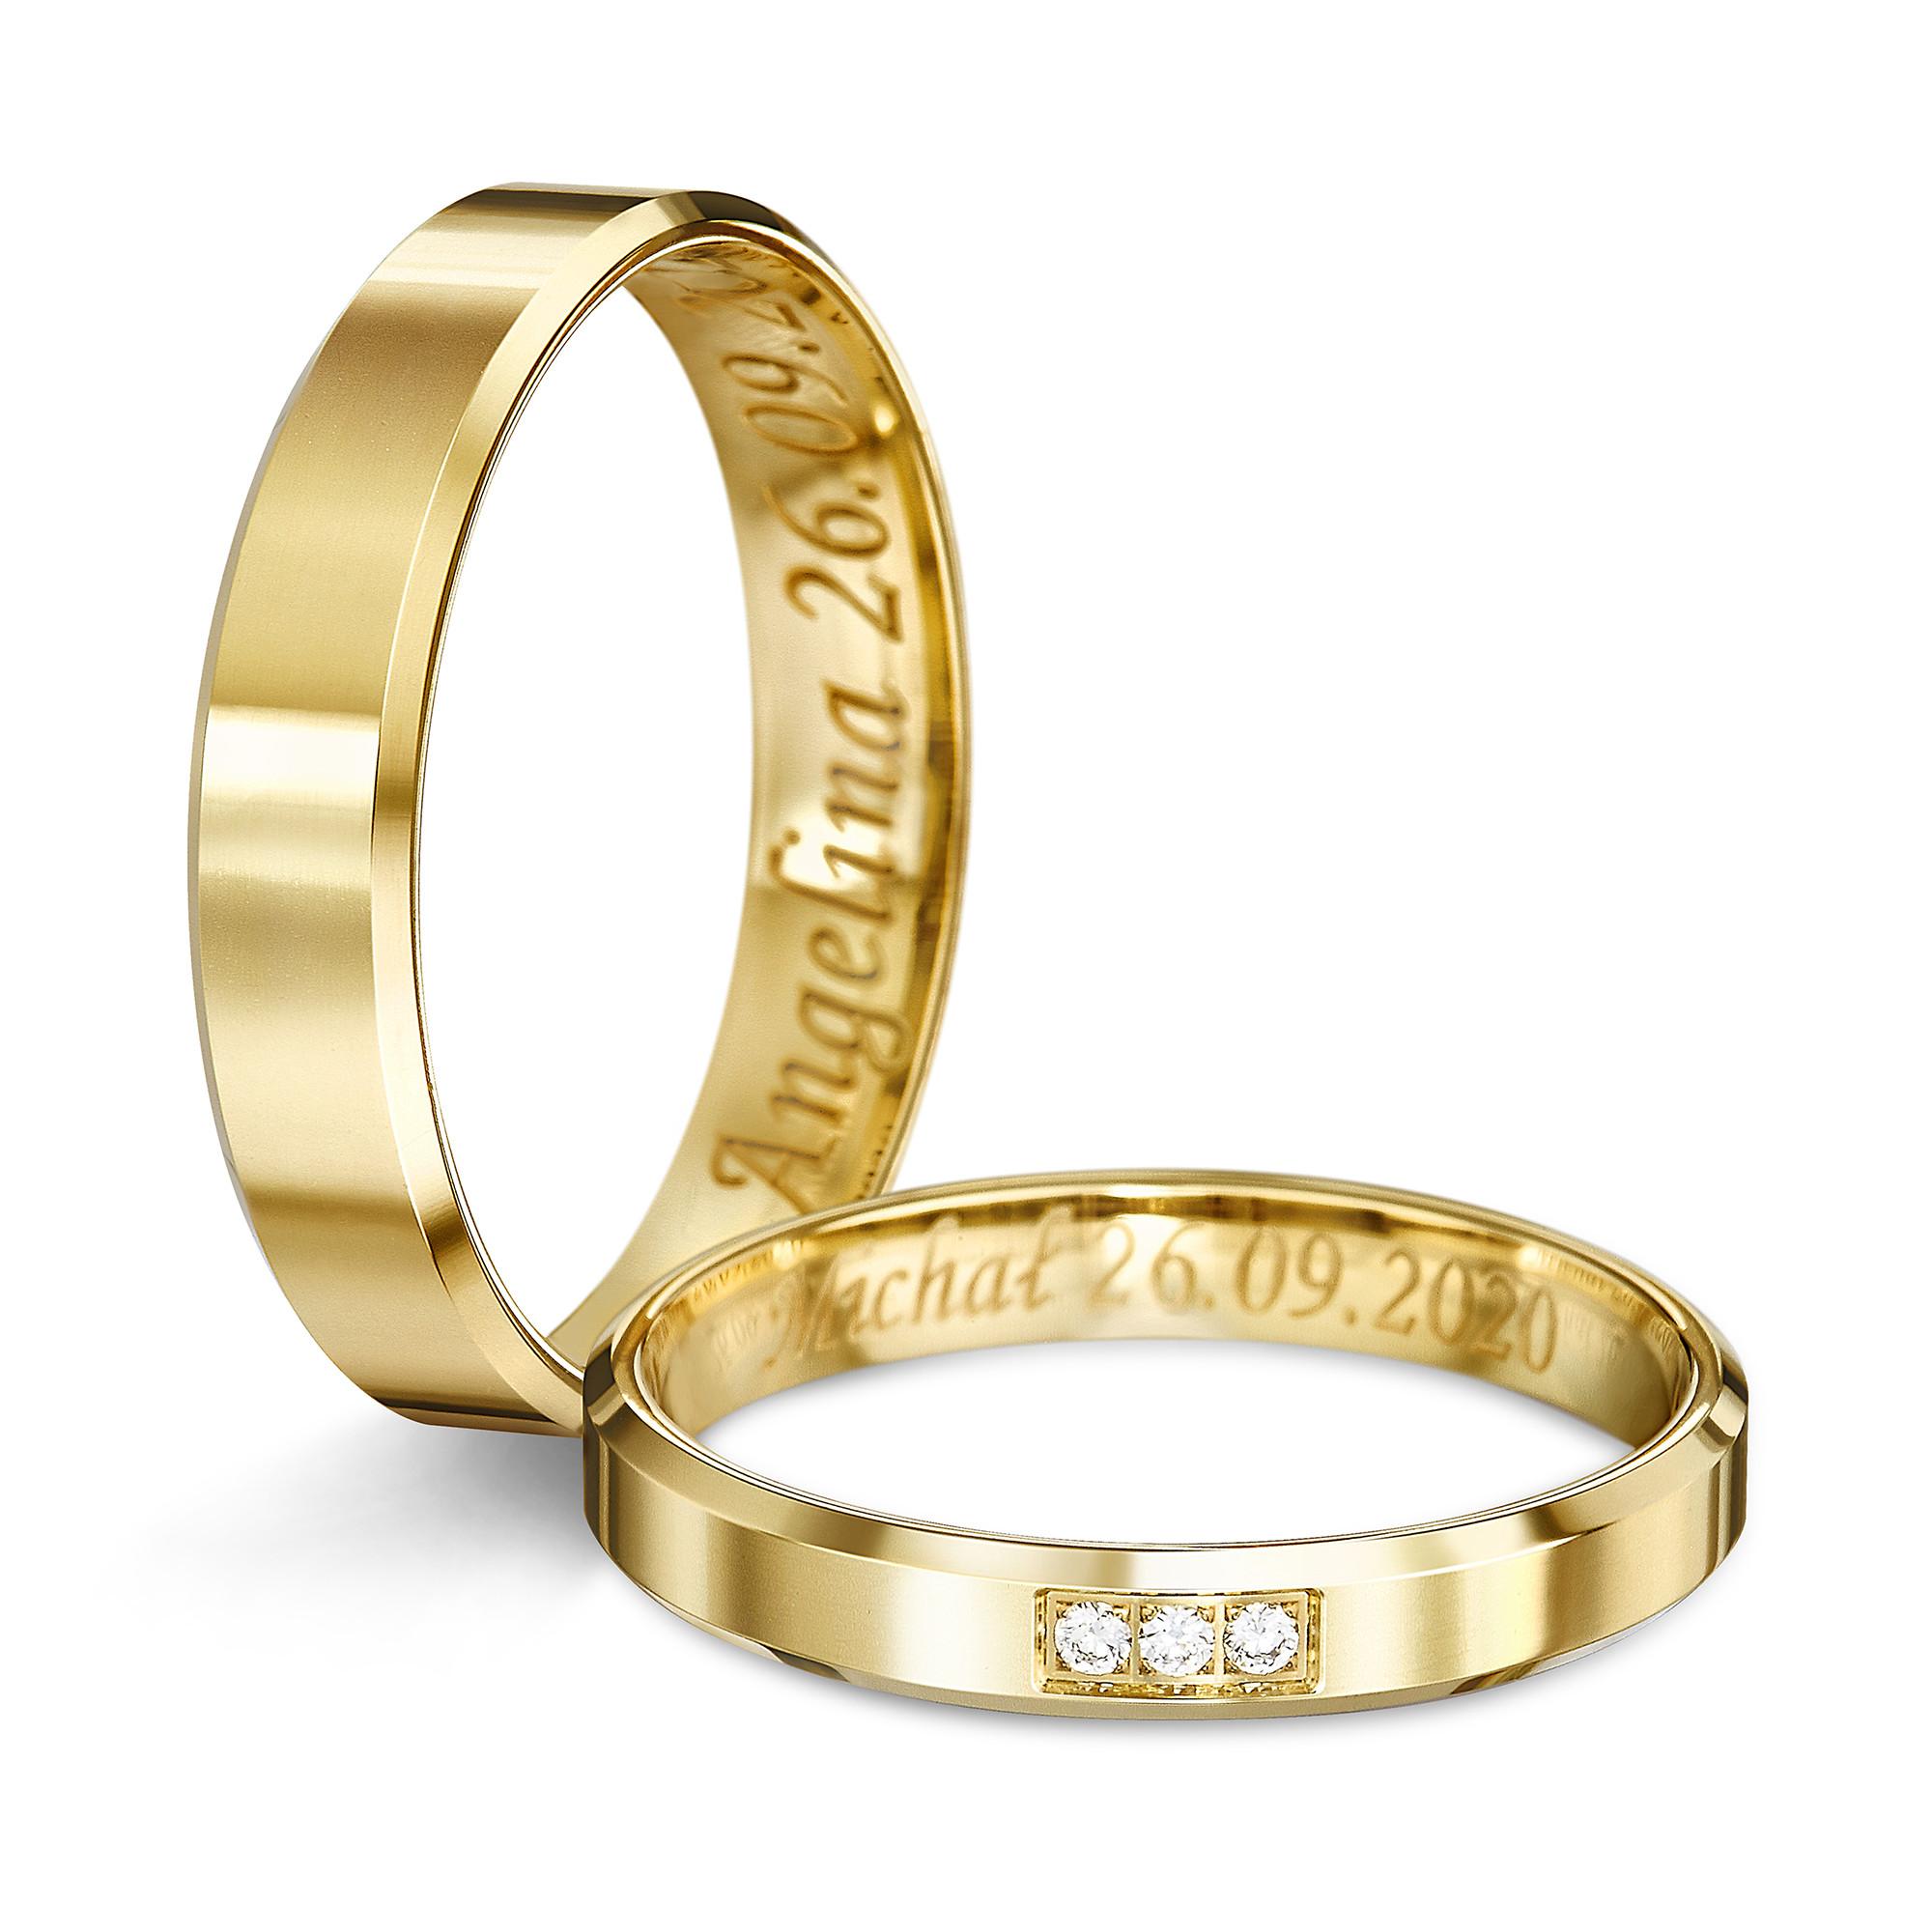 Obrączka ślubna z żółtego złota  K18